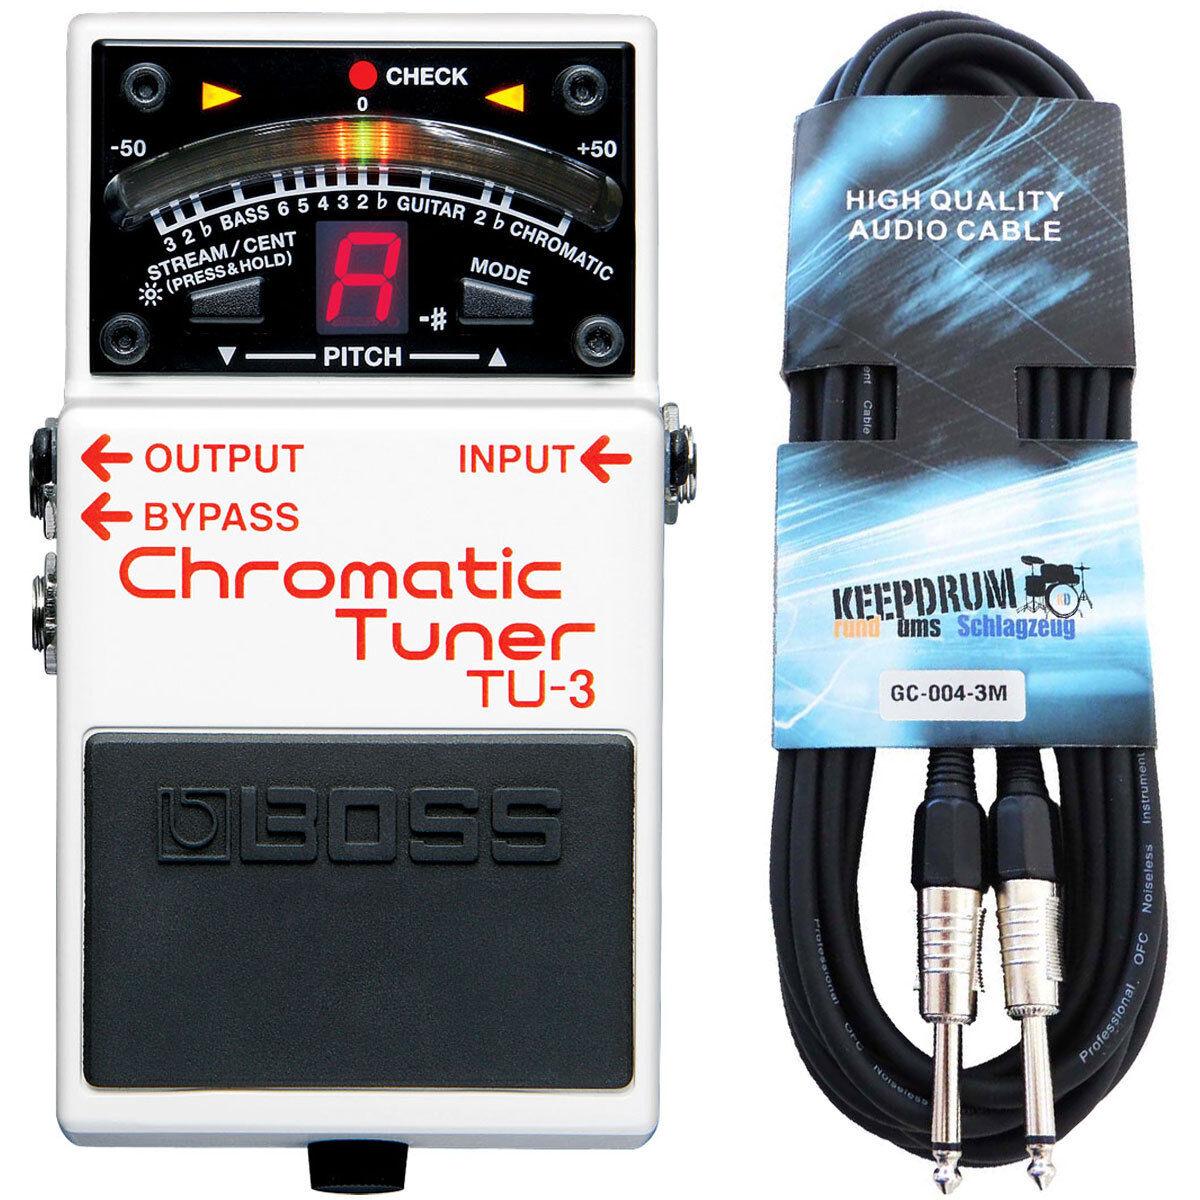 Boss TU-3 chromatisches Stimmgerät + Klinken-Kabel